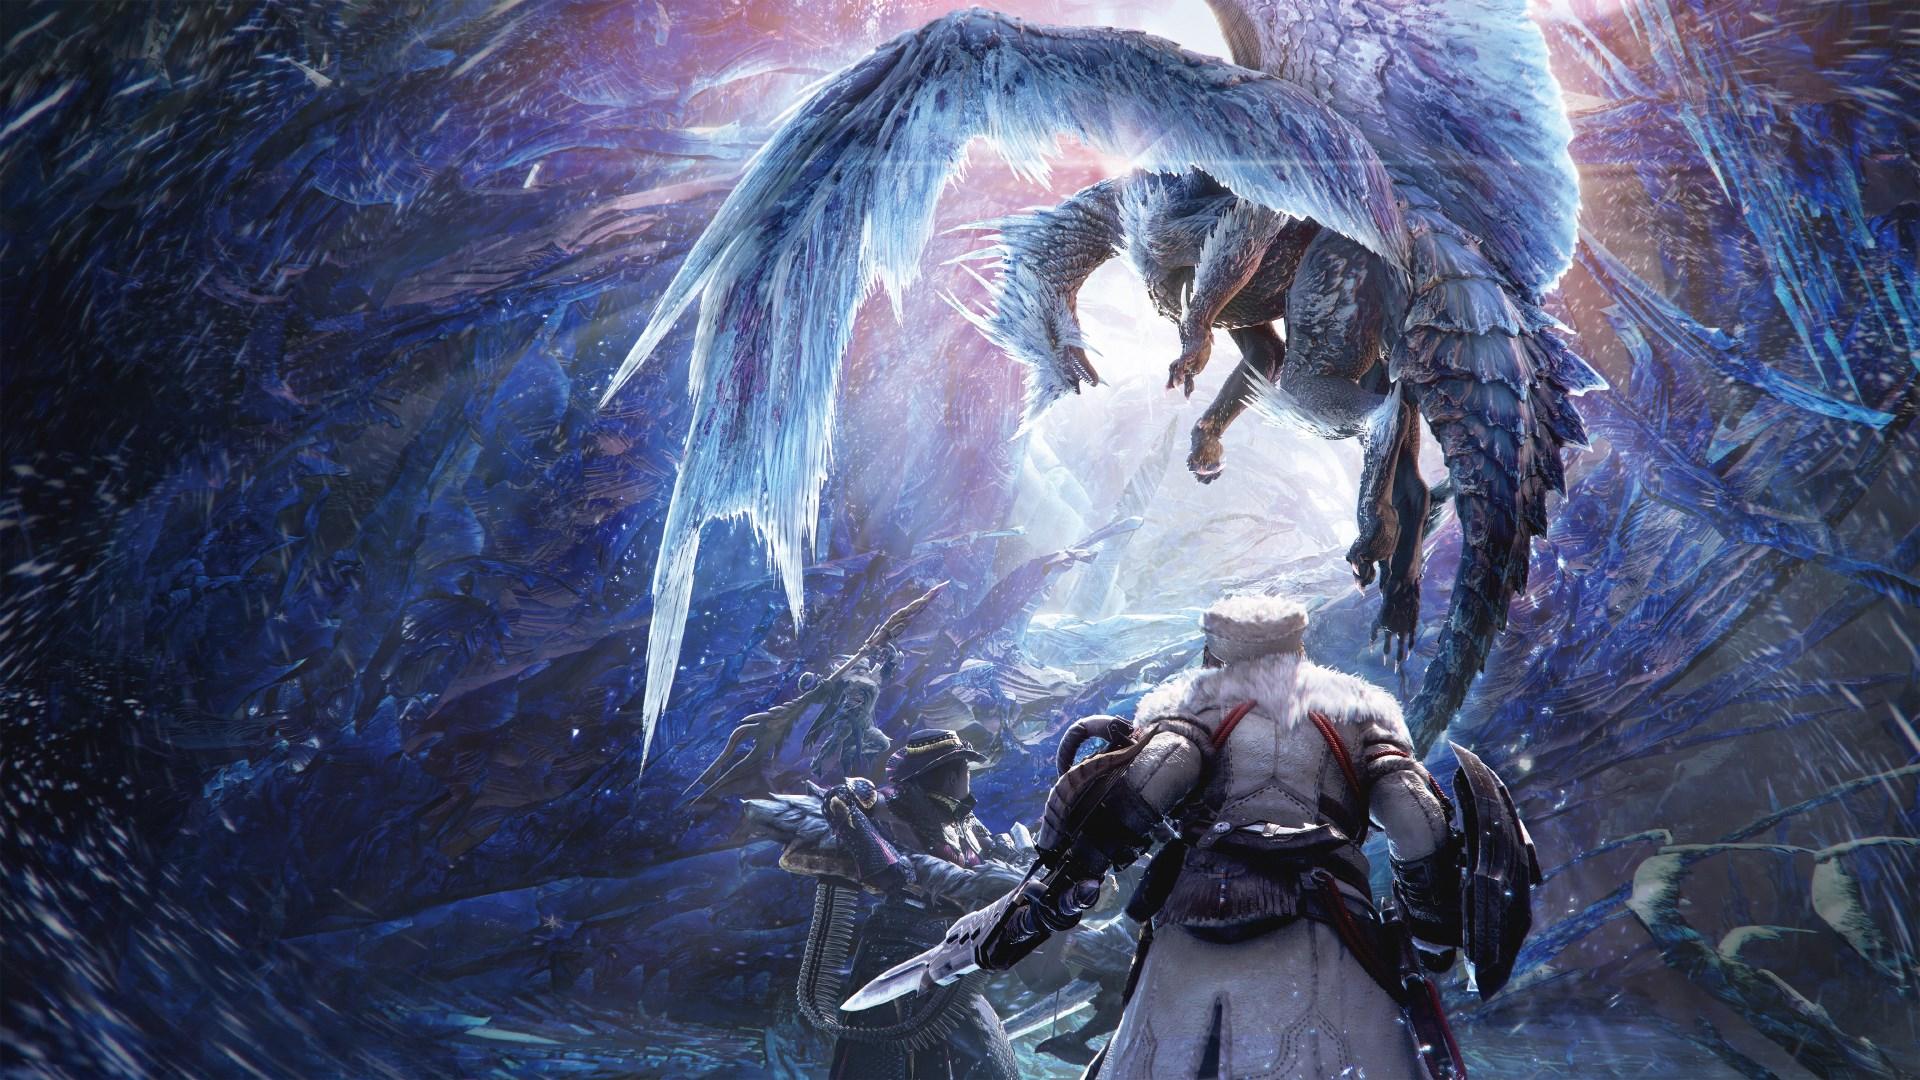 Monster Hunter World: Iceborne brings multiple chills and